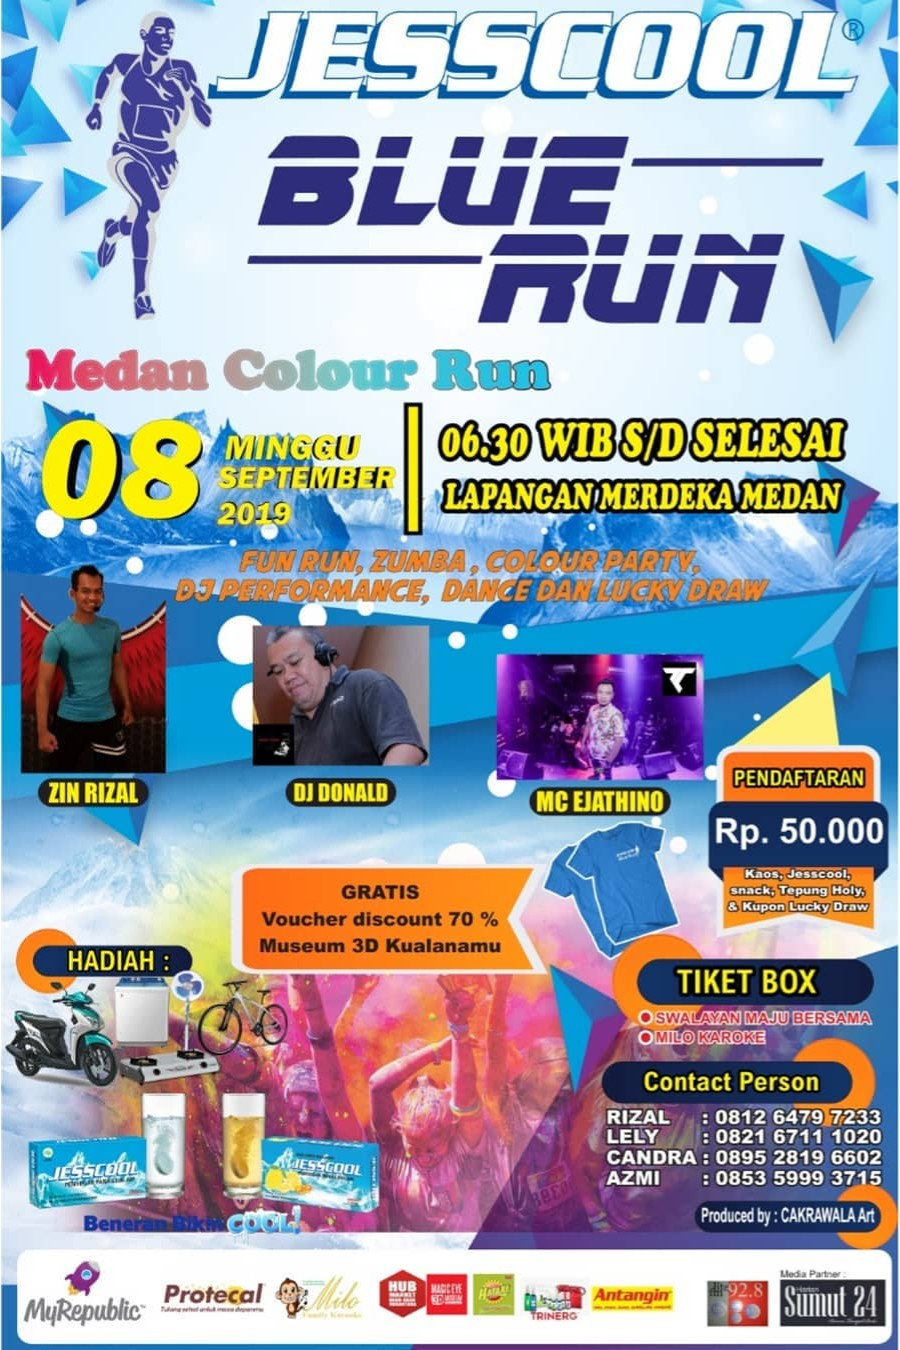 Jesscool Blue Run - Medan • 2019